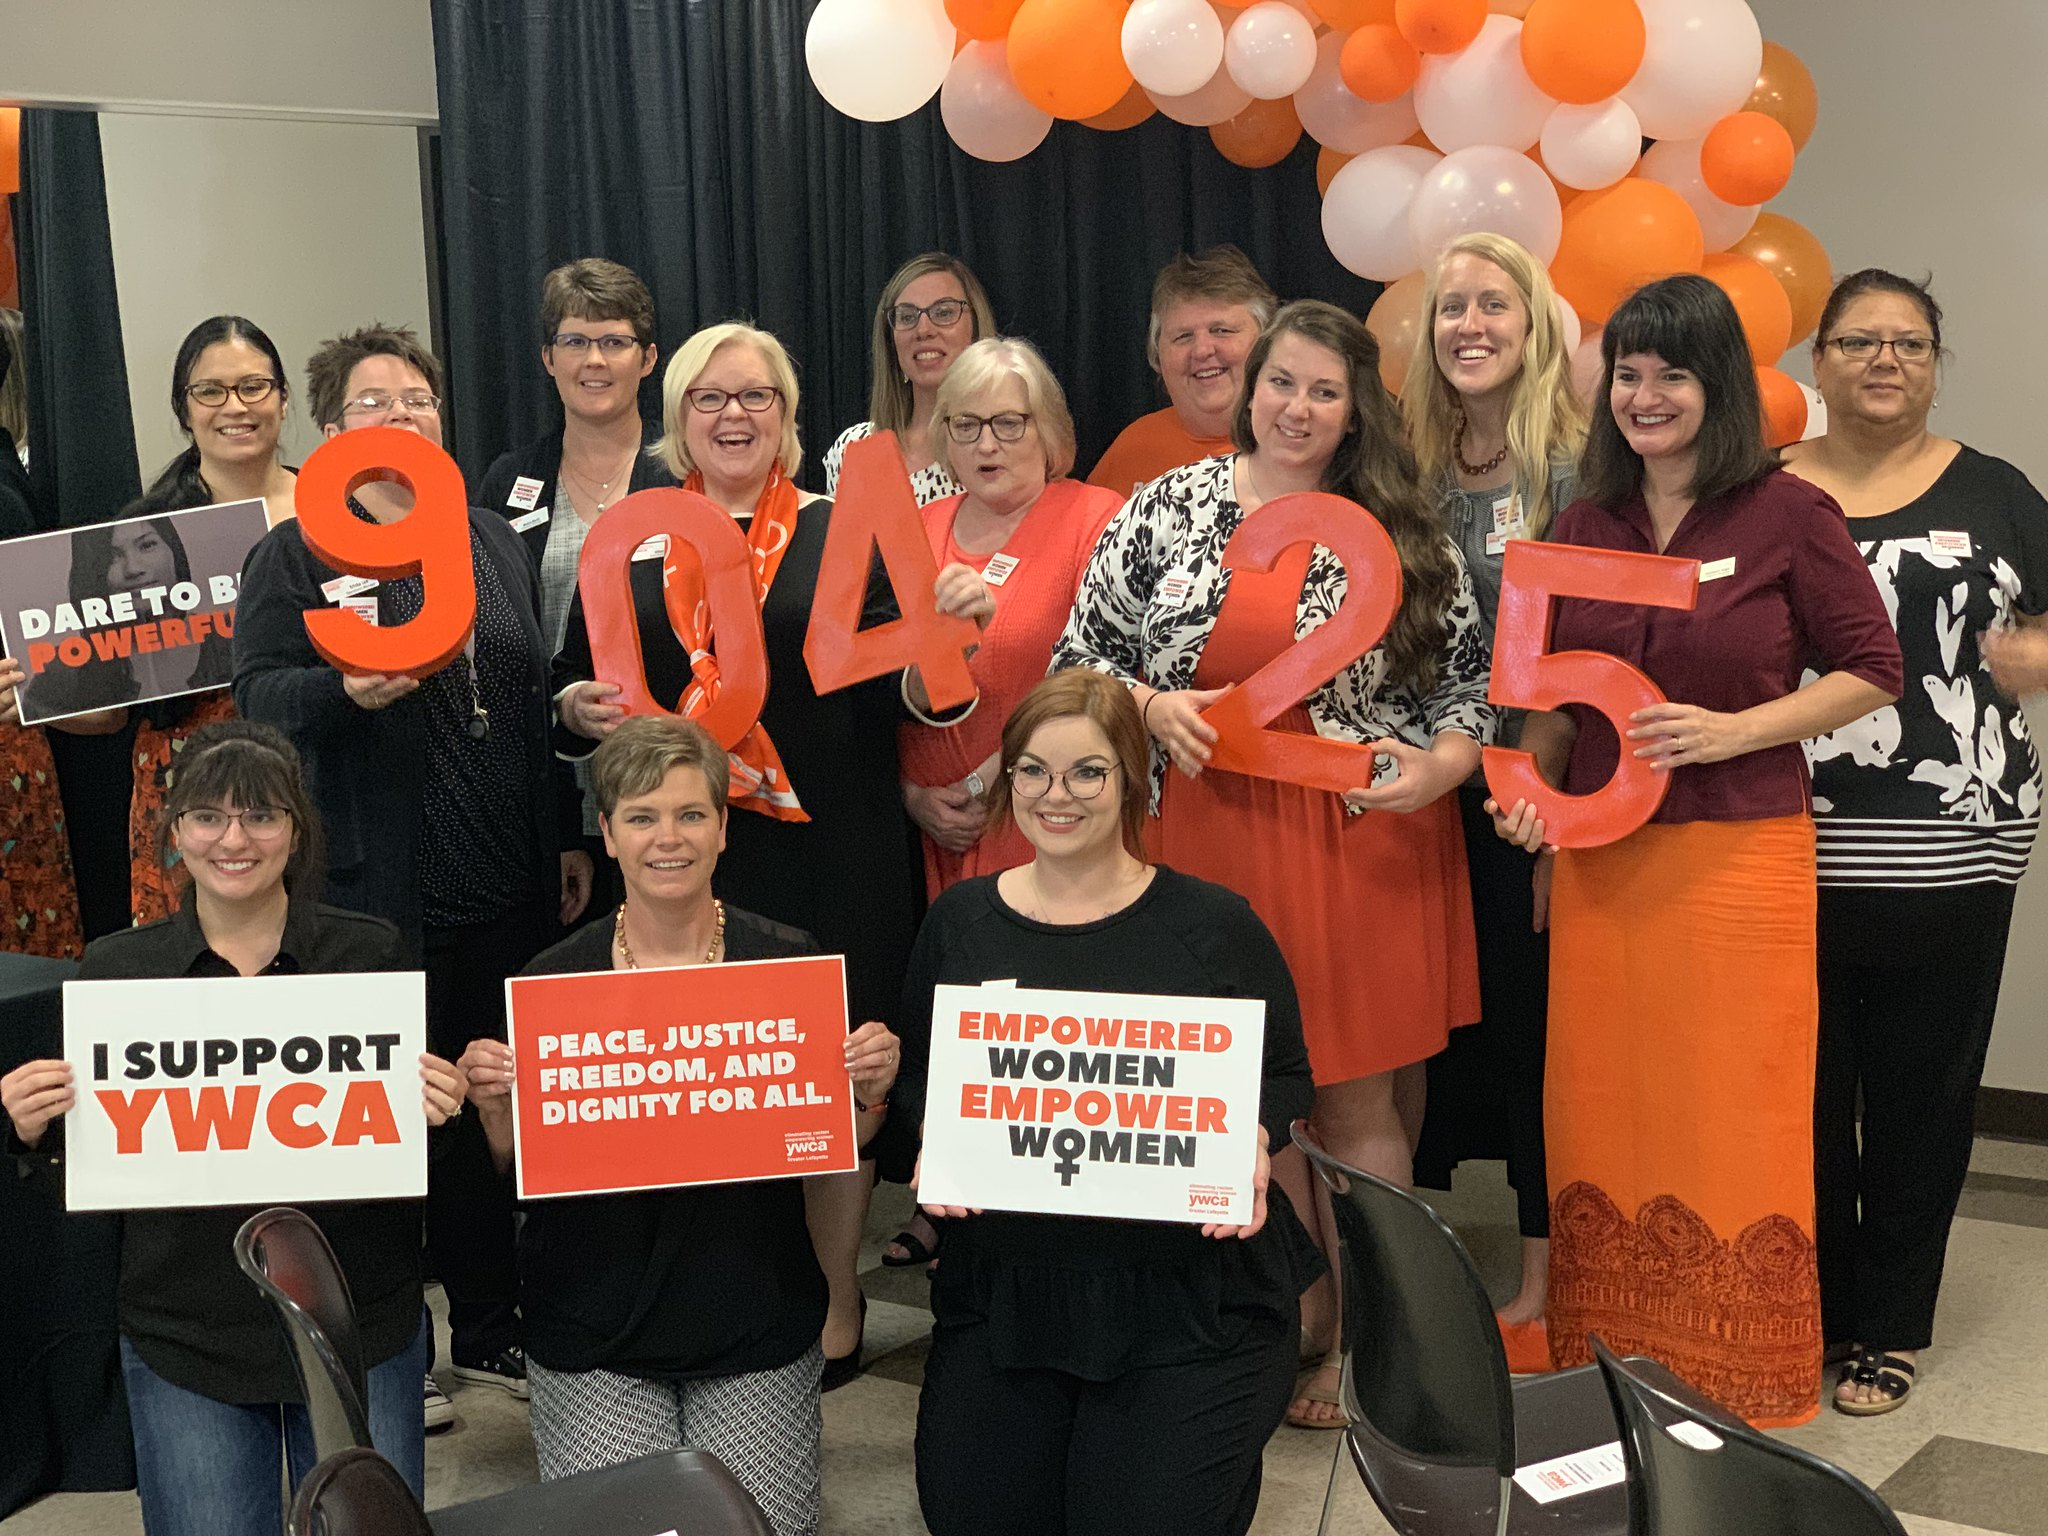 YWCA staff members posing with orange numbers